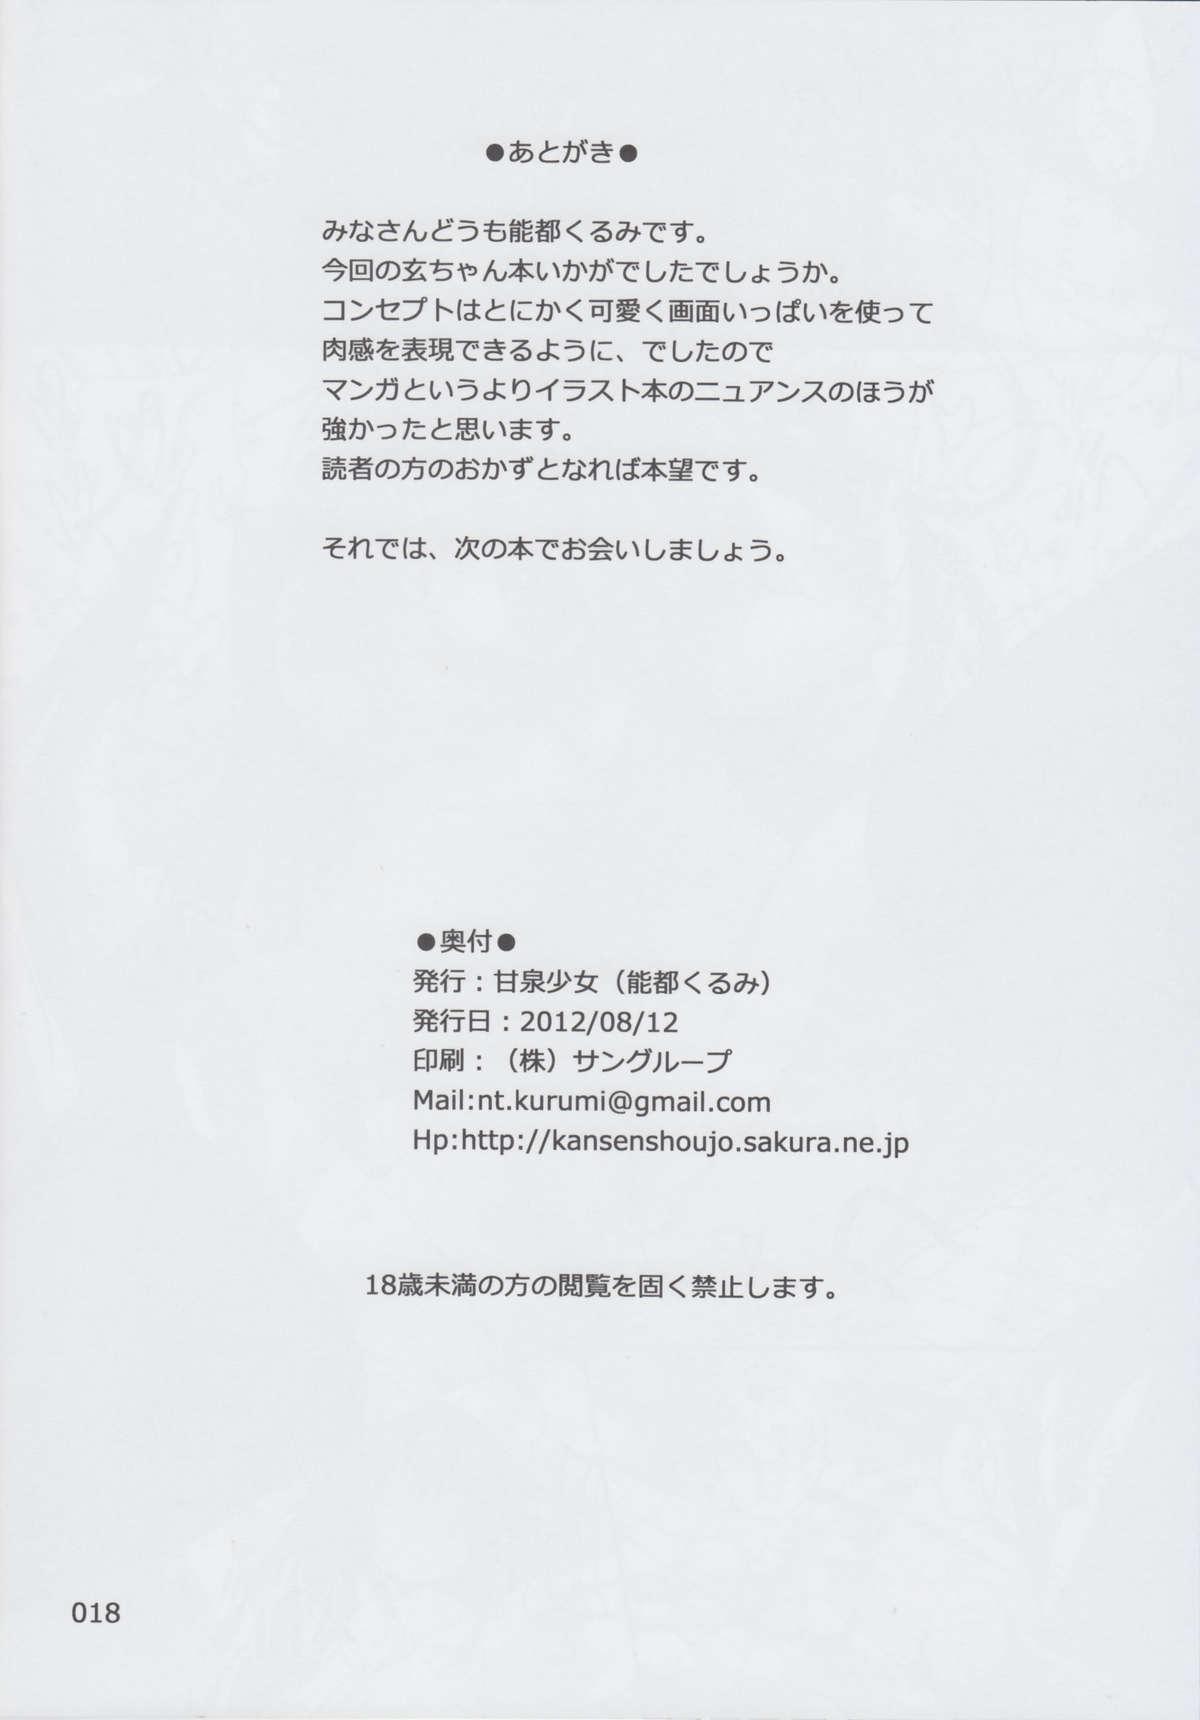 Kuro Isshoku 4man 8sen yen 16